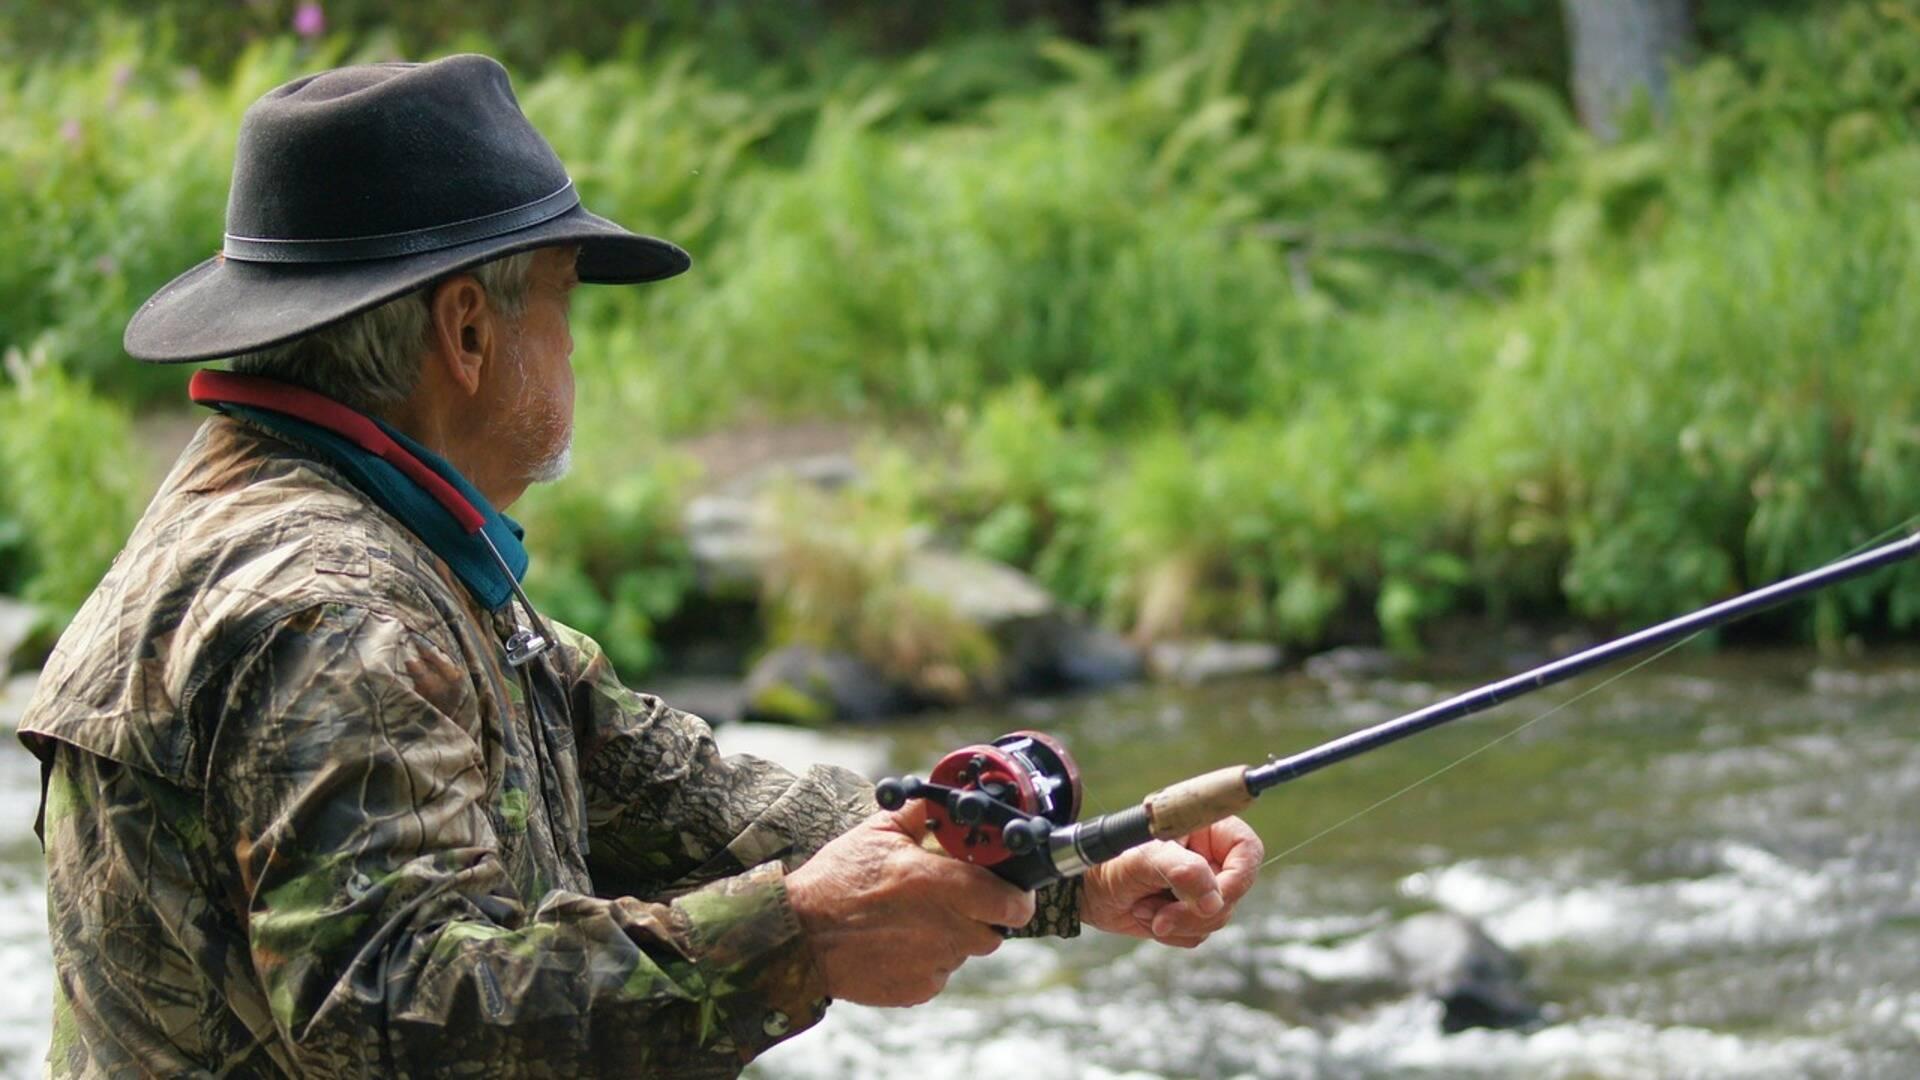 La pêche dans le Conflent est une activité prisée par les amateurs d'eaux douces